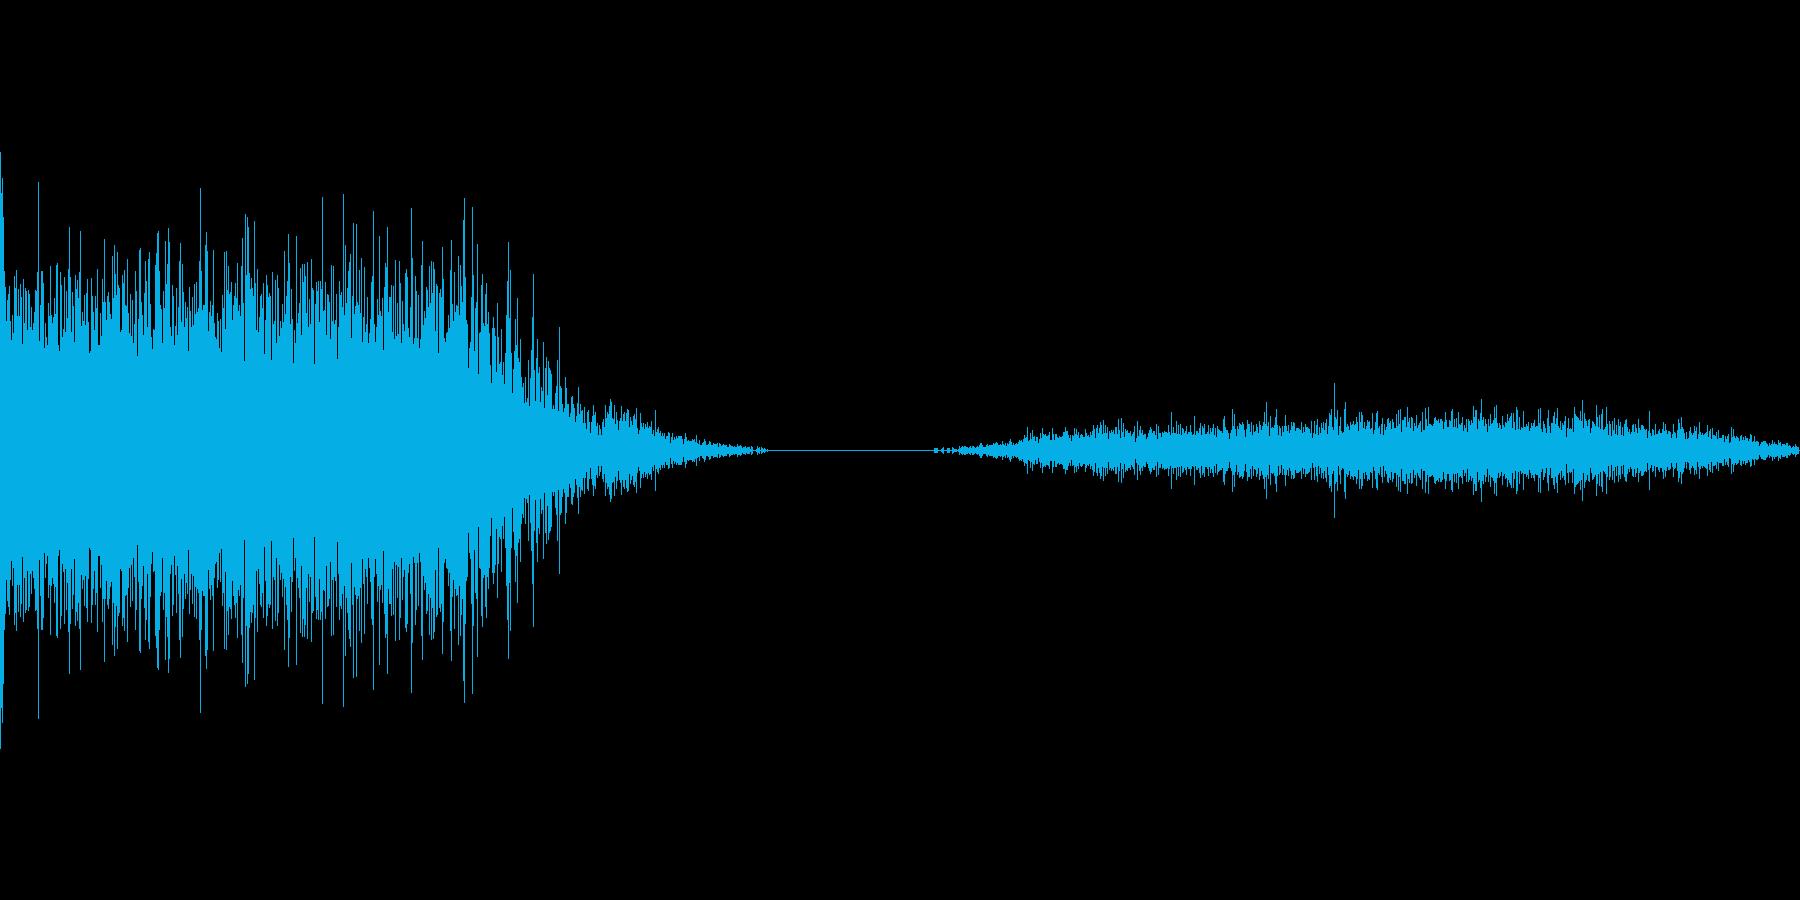 ロケット打ち上げ音2の再生済みの波形